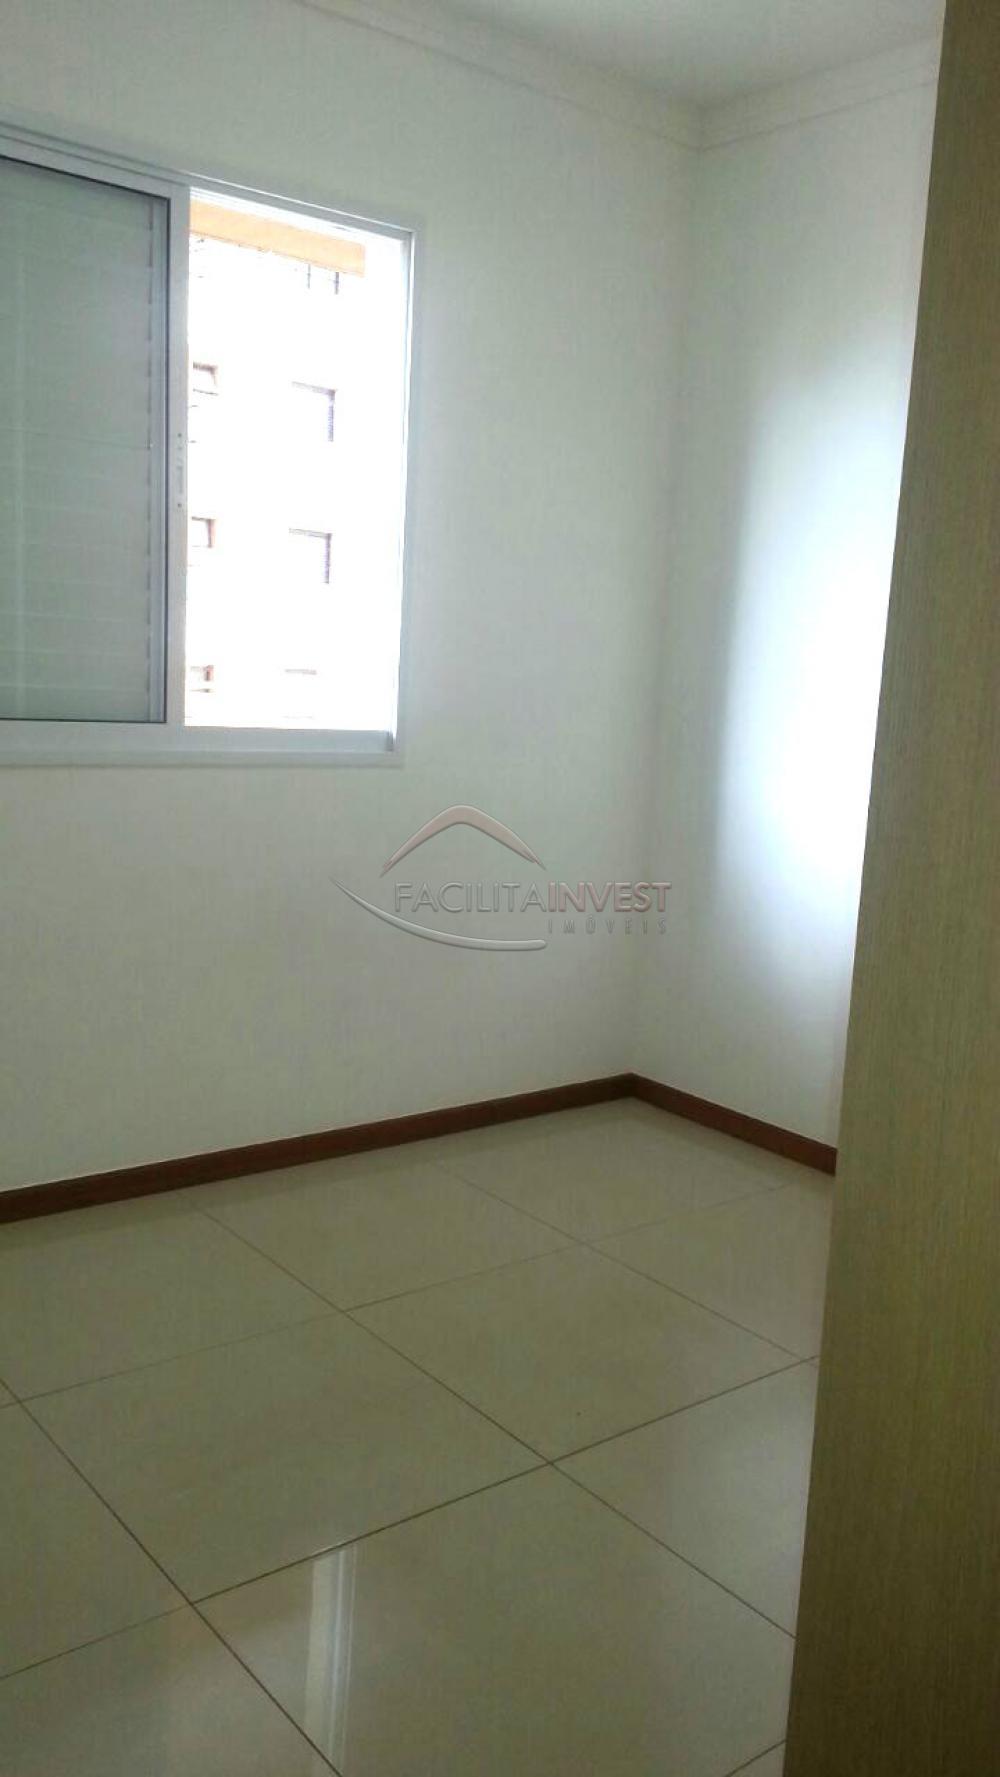 Alugar Apartamentos / Apart. Padrão em Ribeirão Preto apenas R$ 2.000,00 - Foto 7